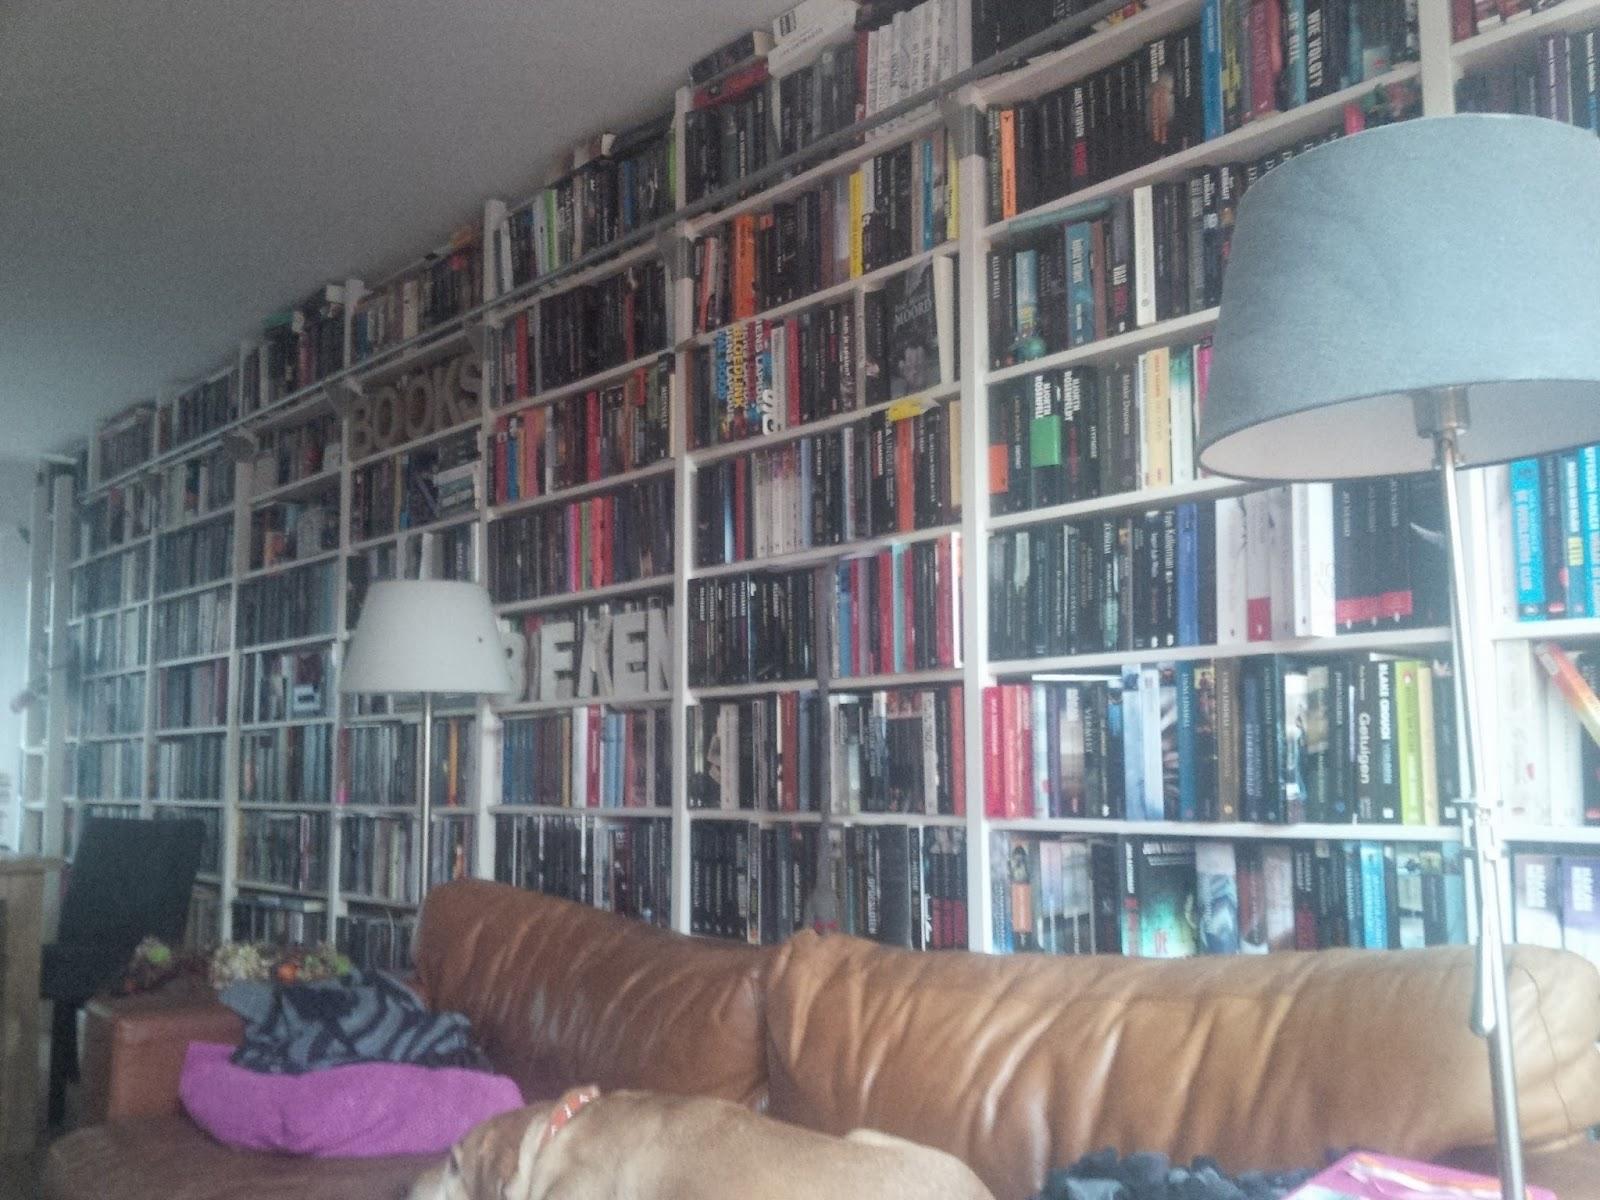 Thrillerlezersblog: De boekenkast van Inkie